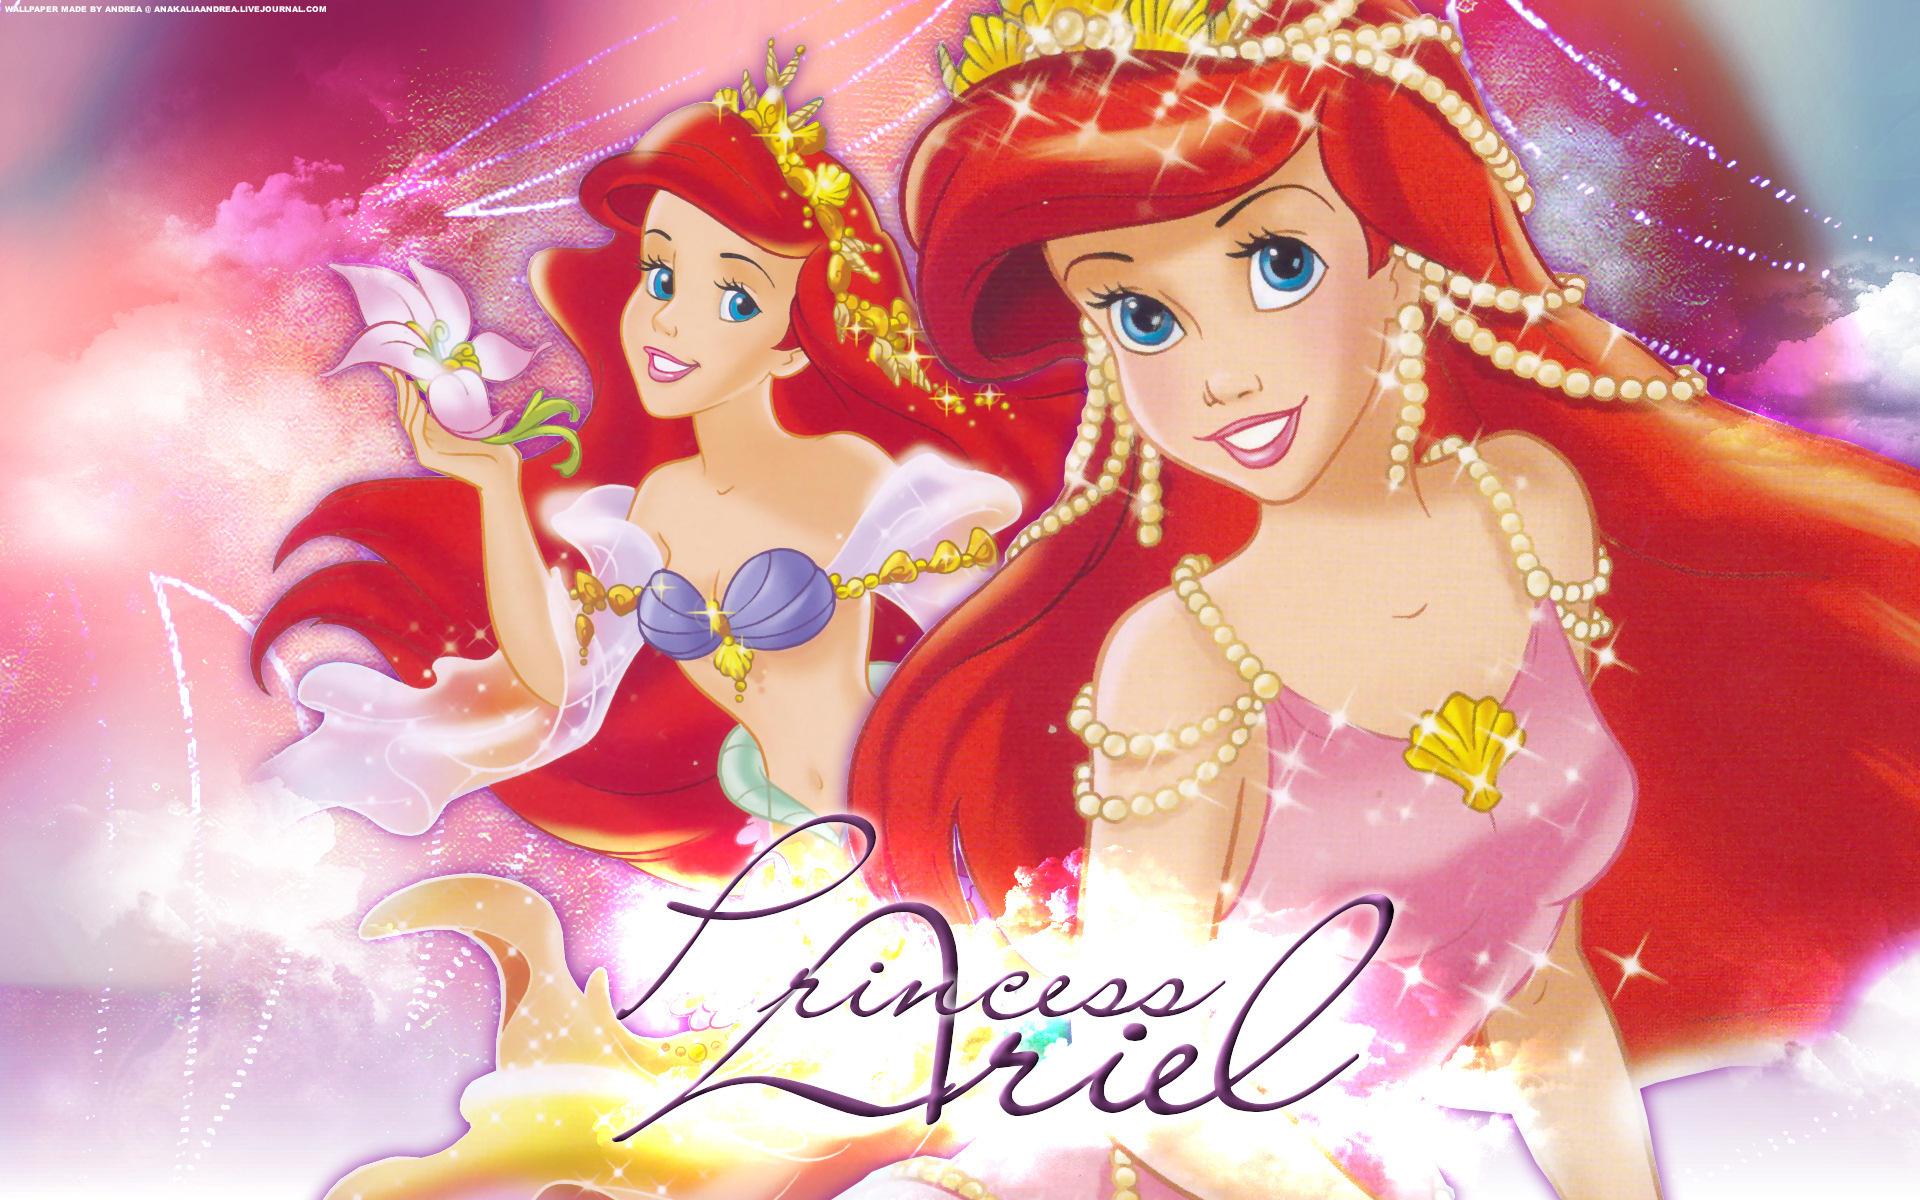 أميرات ديزنى رائعة ARIEL-princess-ariel-7674345-1920-1200